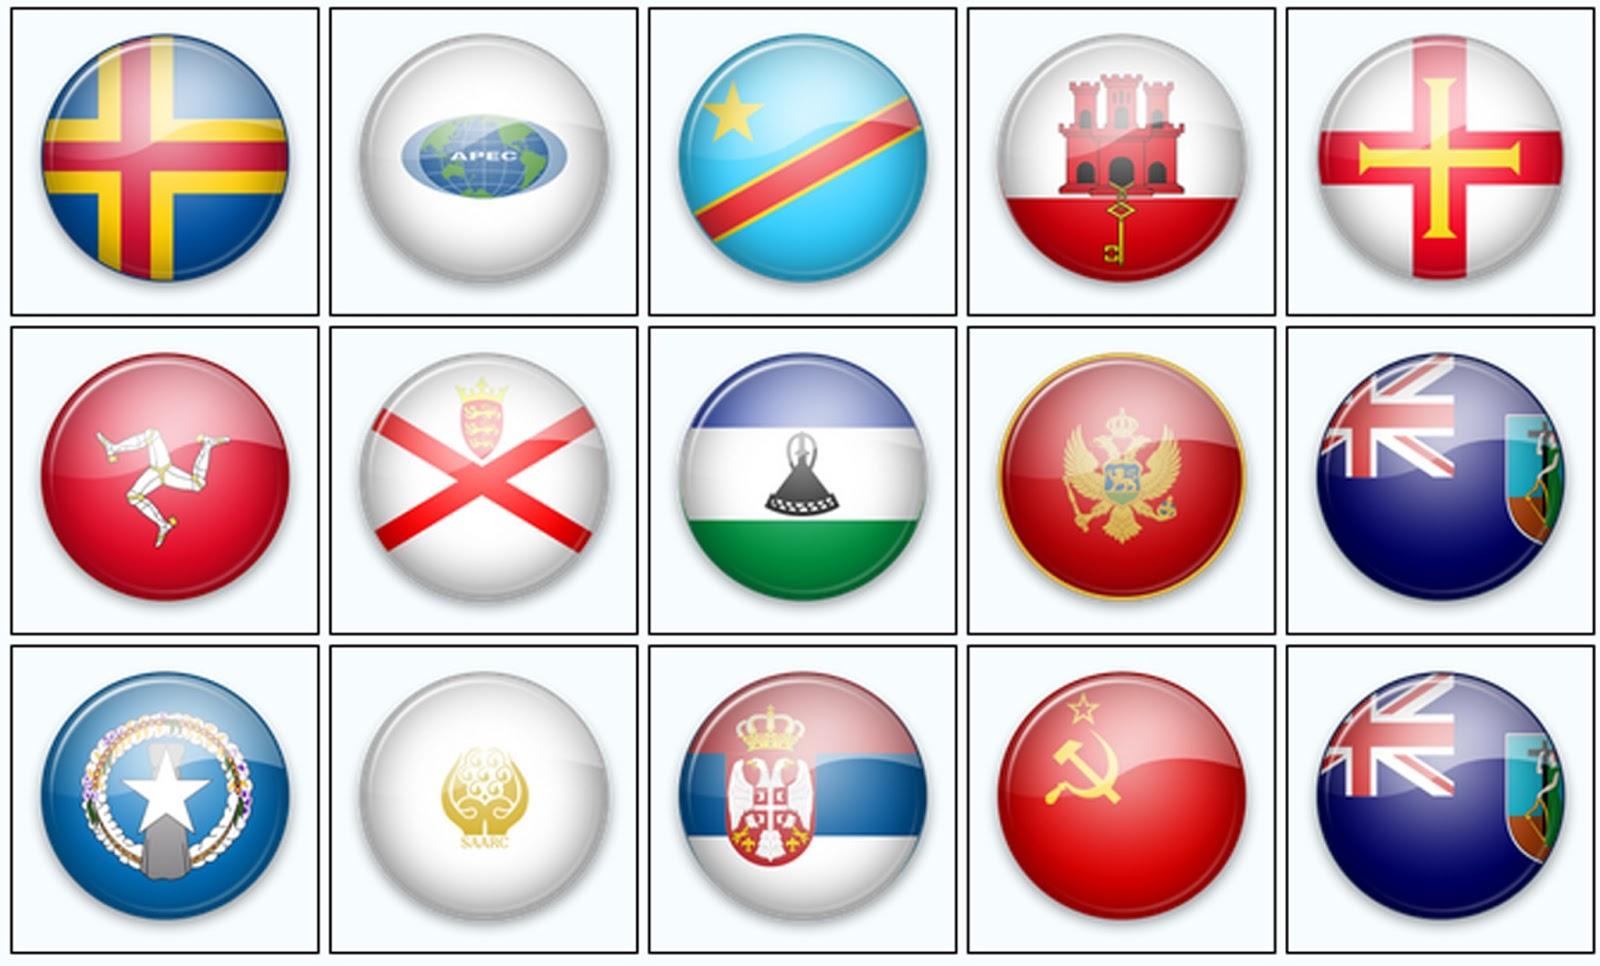 Artes em psd: Textura de cristal (bandeira) - ícone em png